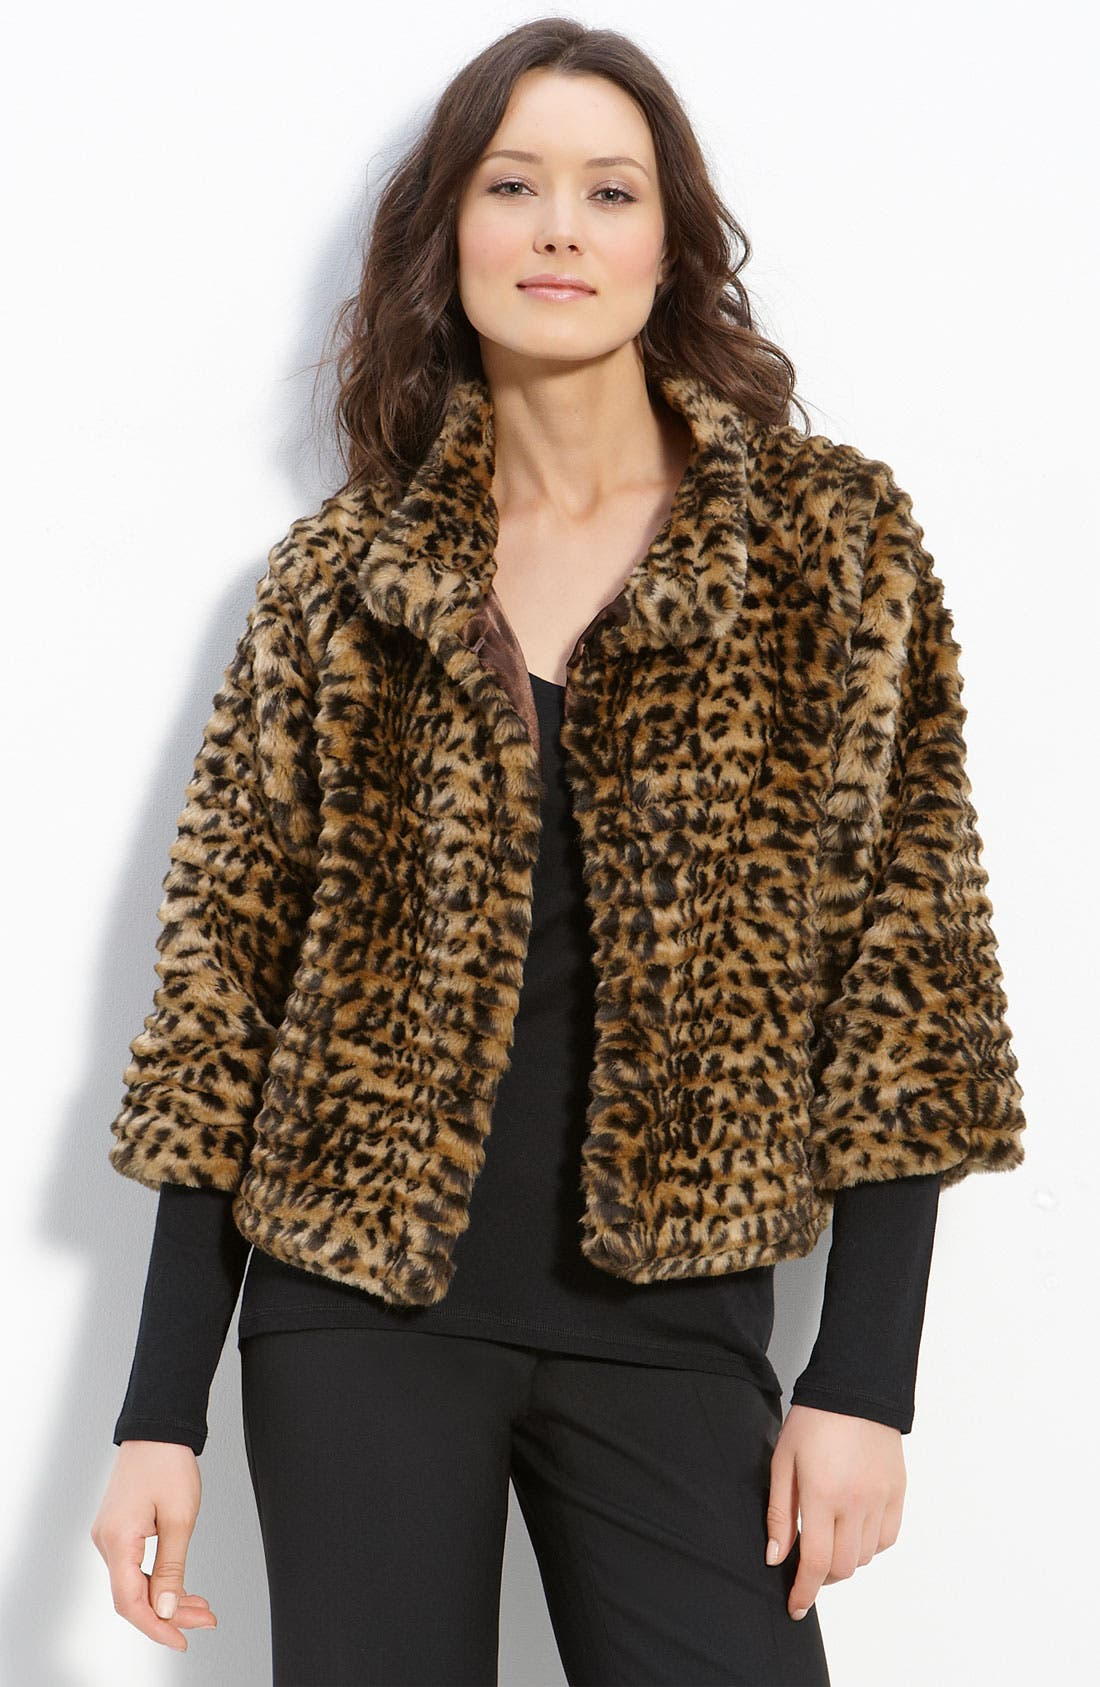 Main Image - Via Spiga 'Andrea' Faux Fur Jacket